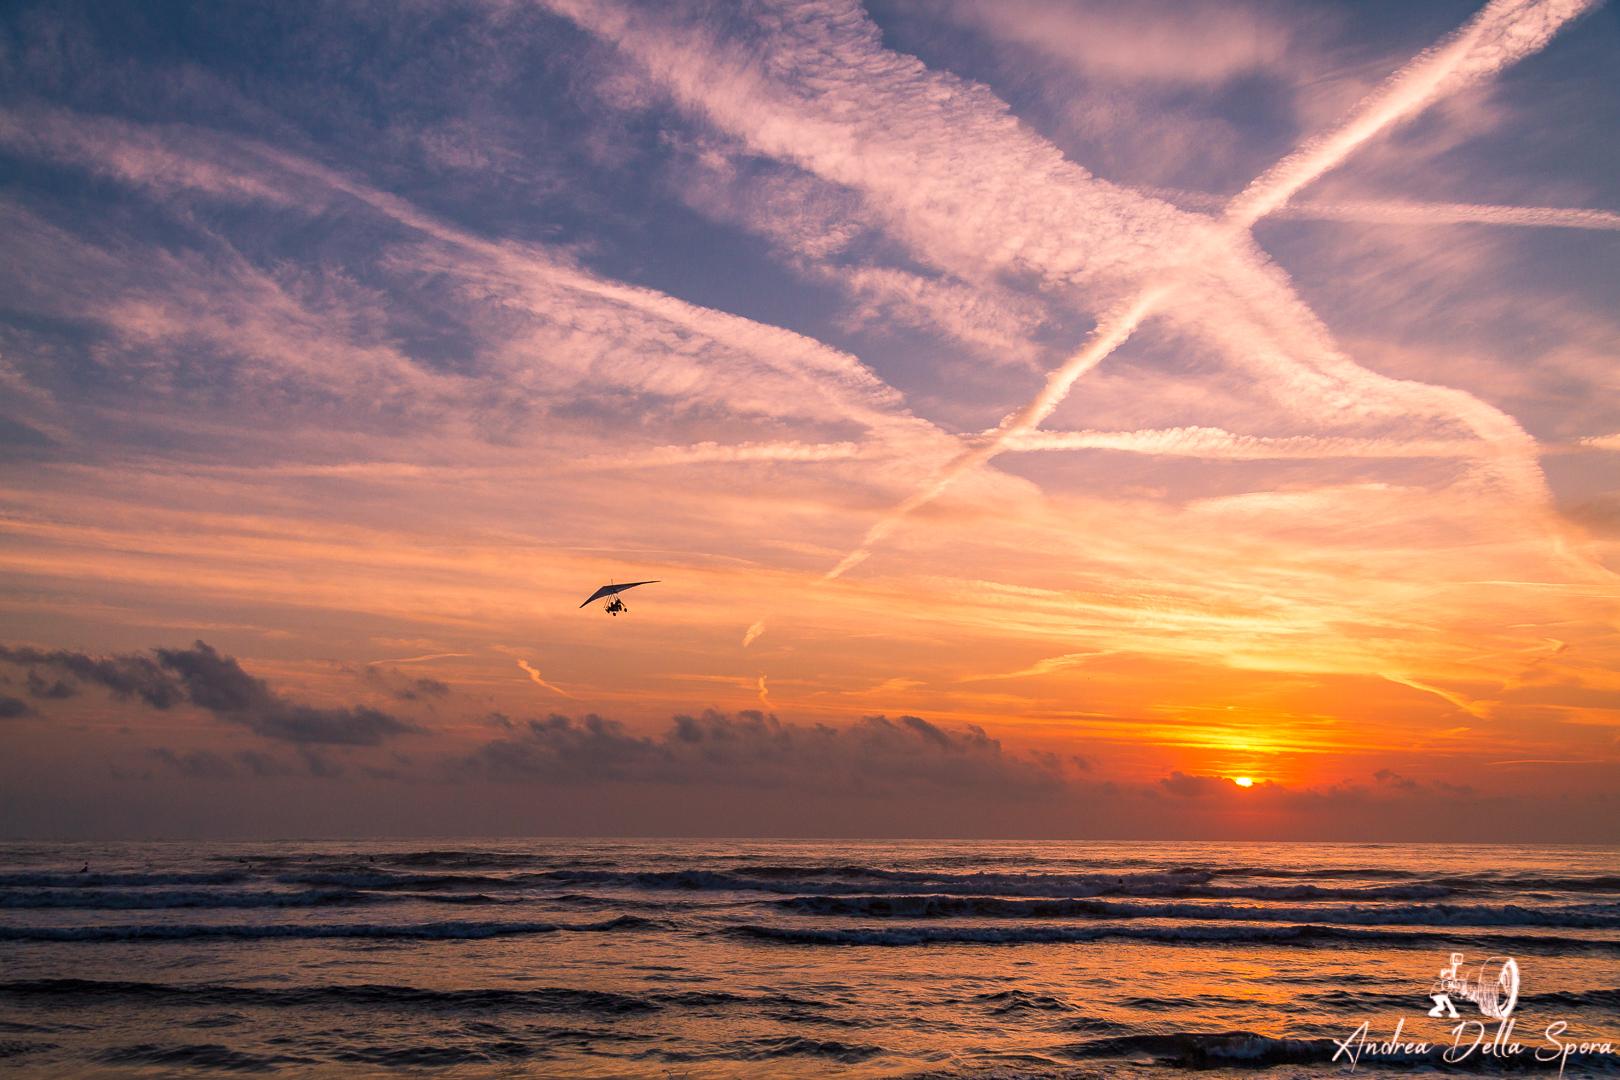 tramonto-viareggio-mare-volare